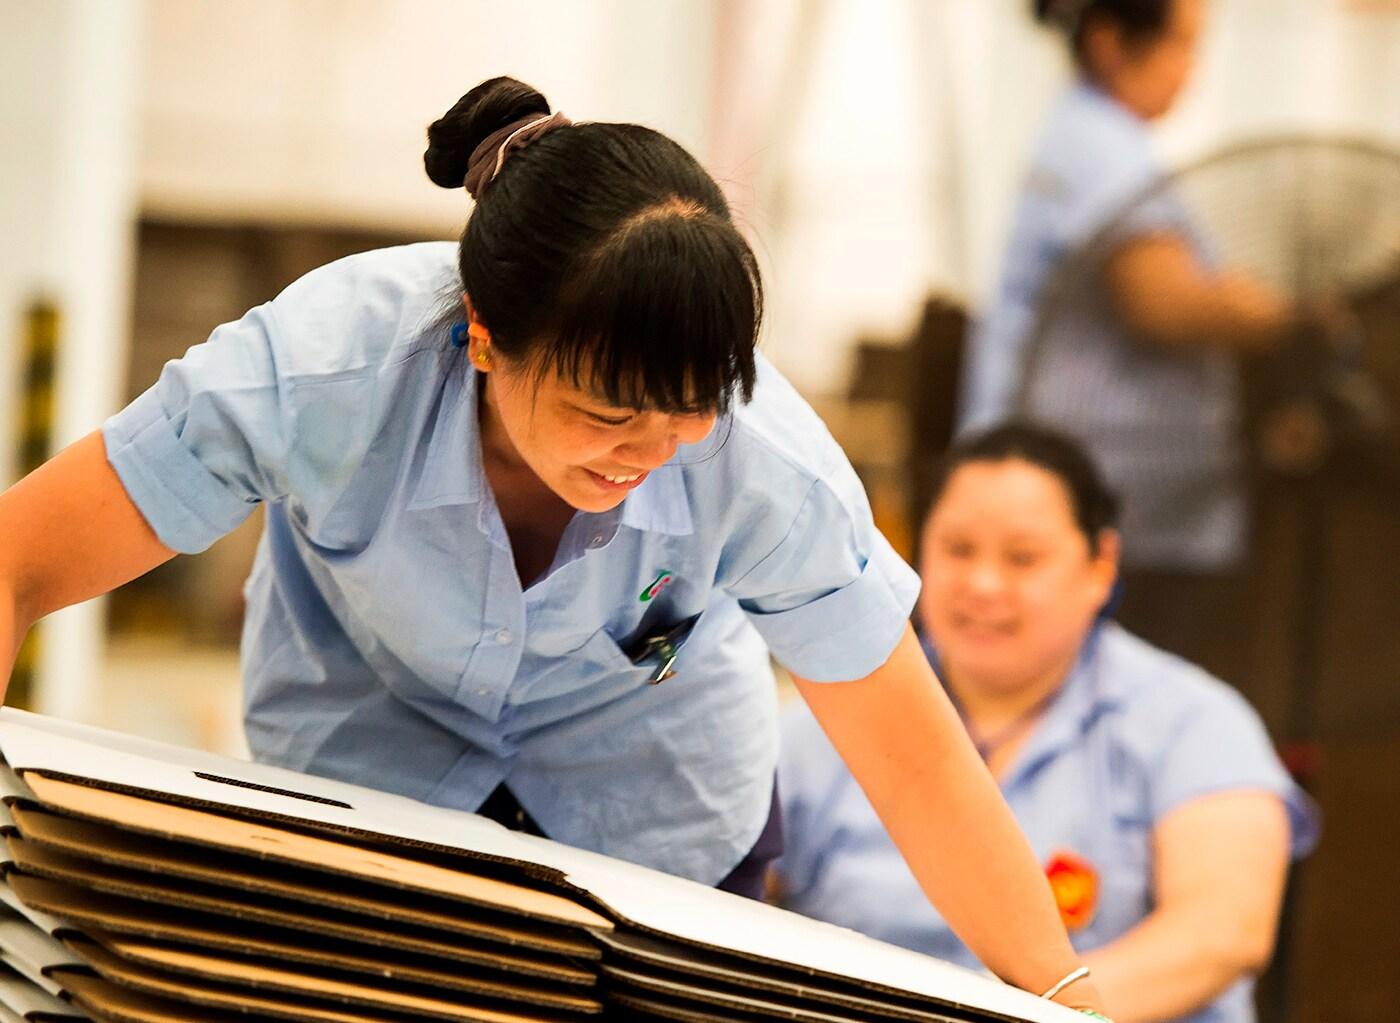 Usmívající se žena pracující u dodavatele IKEA zvedá hromadu placatých kartonových obalů.